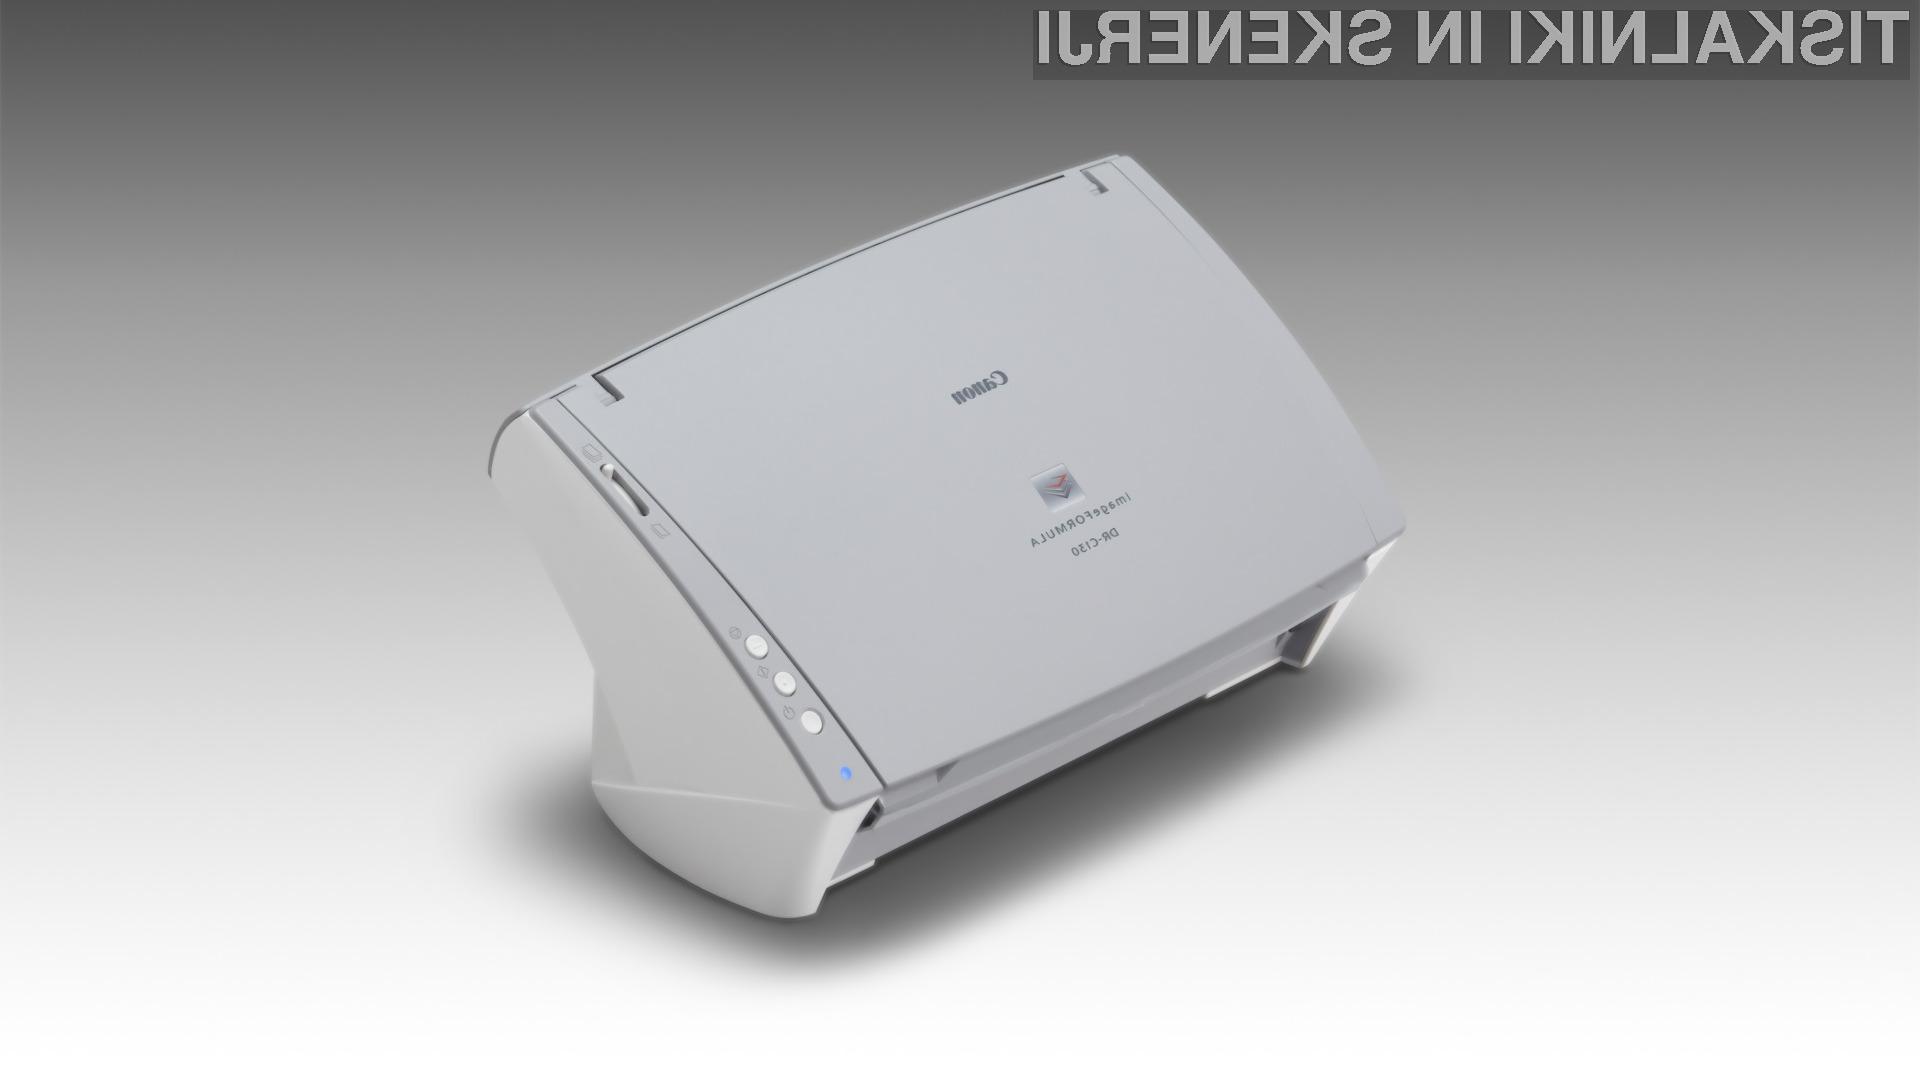 Canon Europe je predstavil imageFORMULA DR-C130, vsestranski in kompakten namizni optični bralnik dokumentov, opremljen s celovito programsko opremo za profesionalno skeniranje dokumentov.